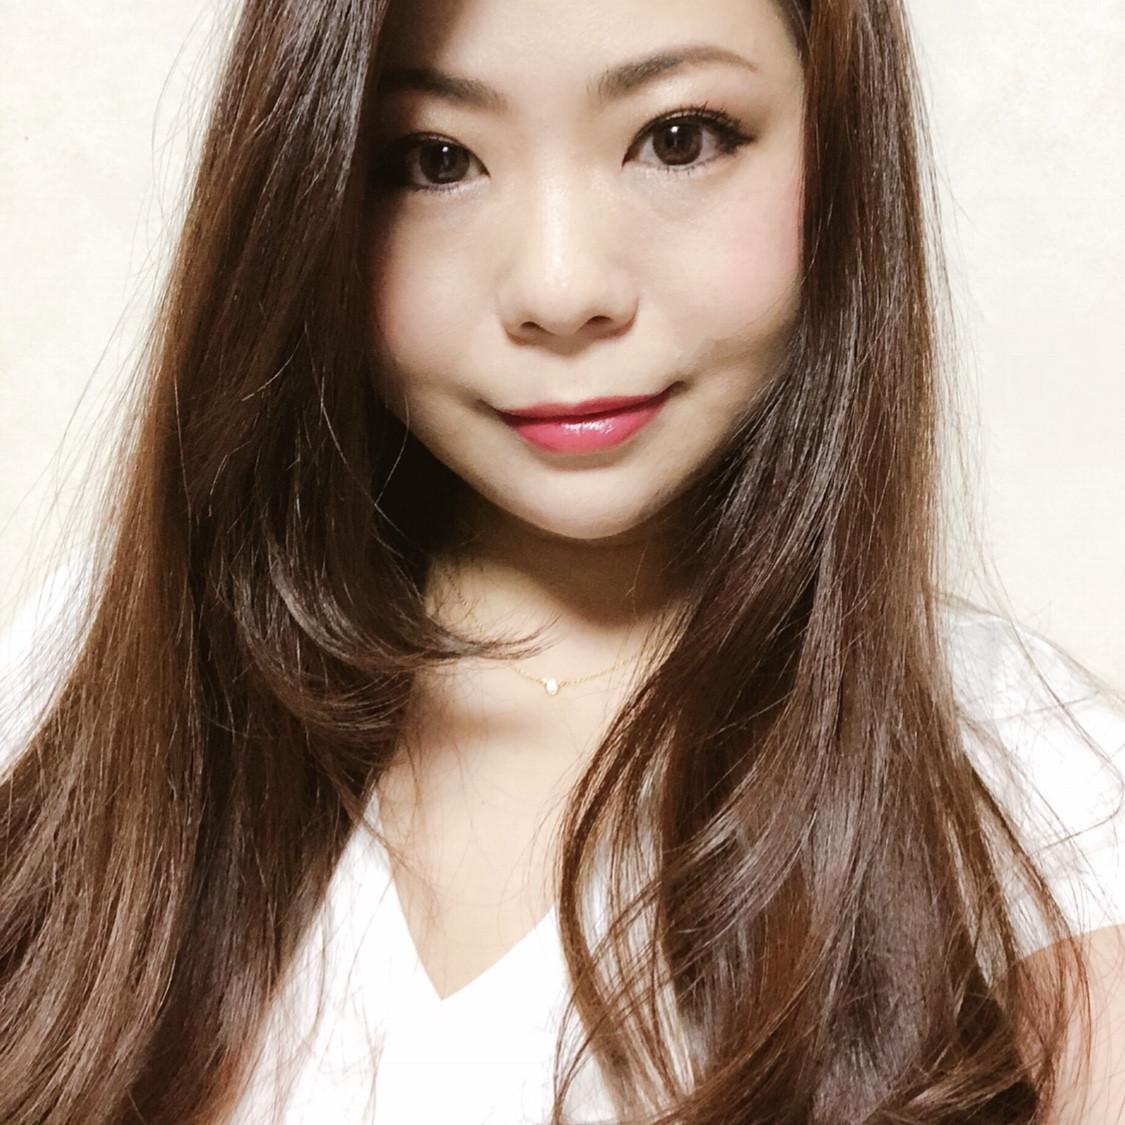 naoko_profile